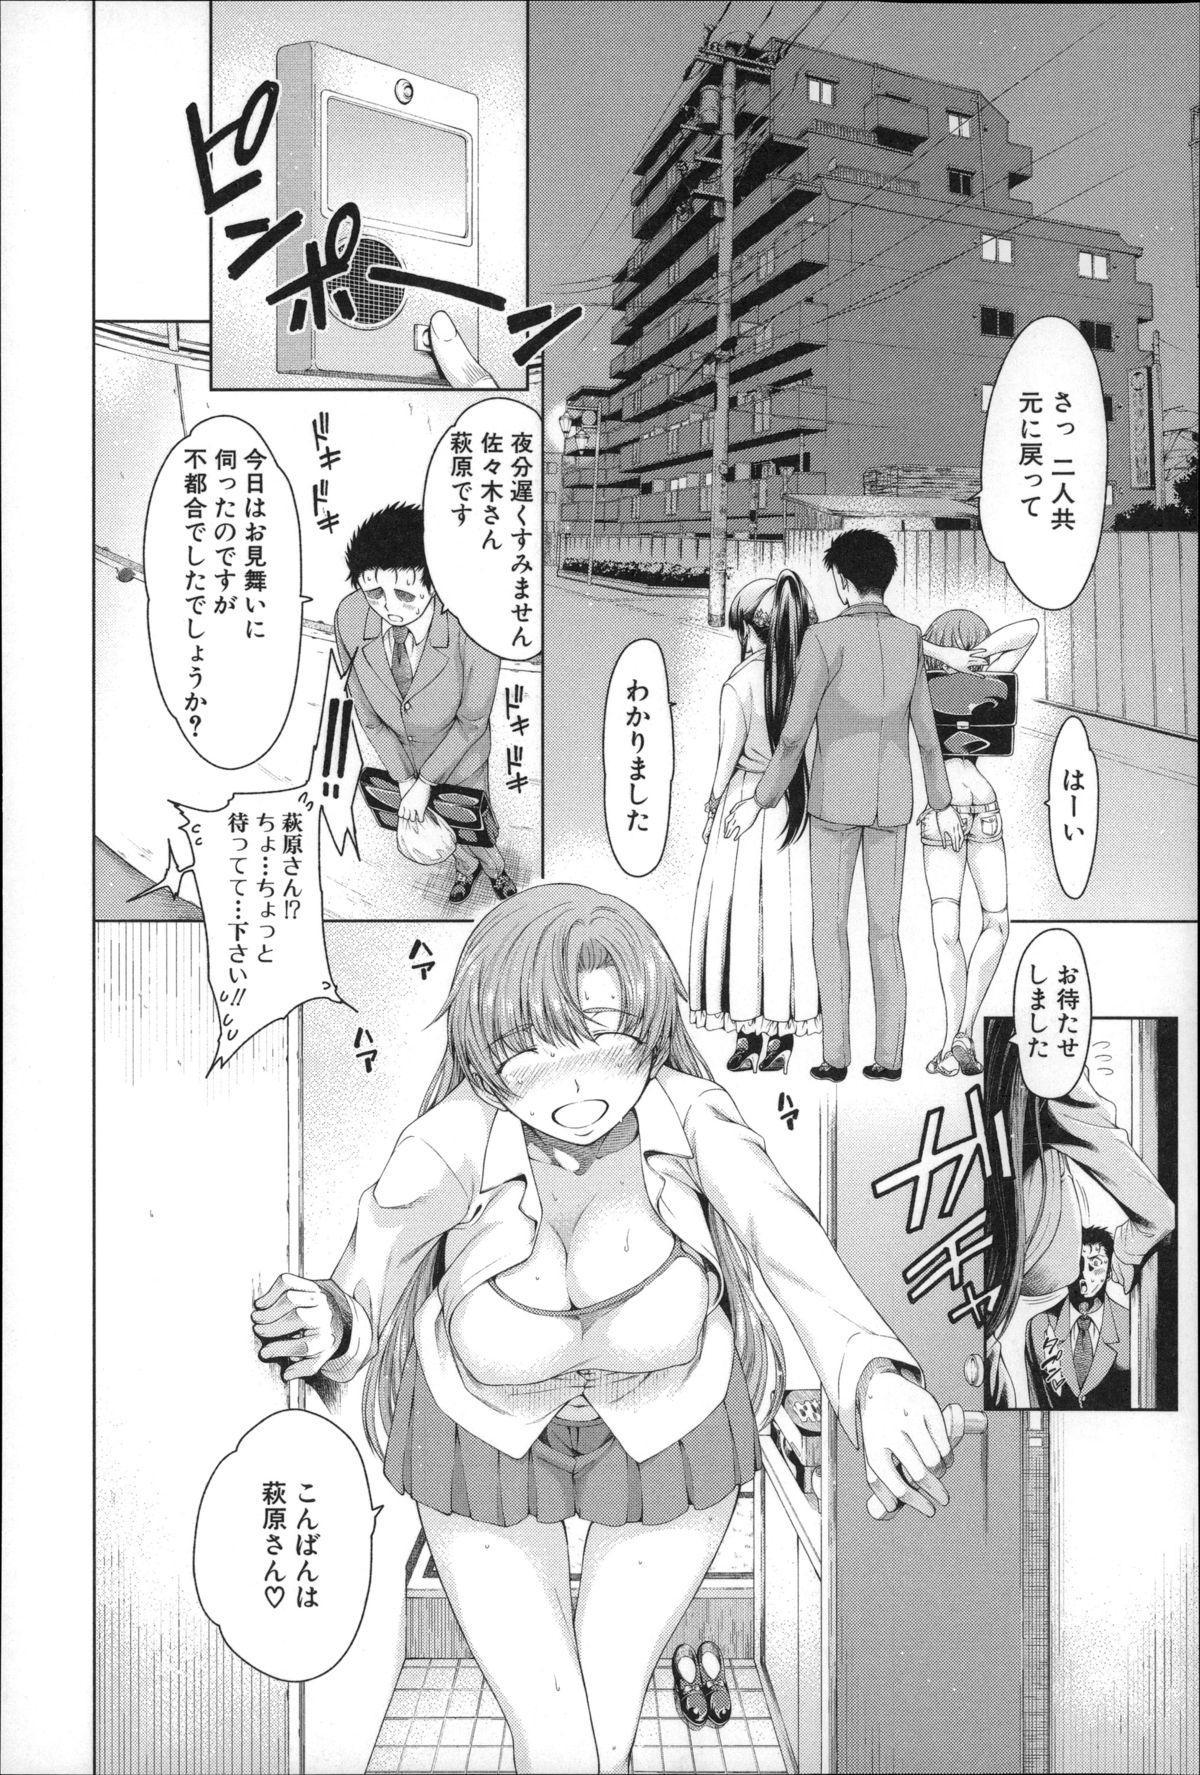 Migite ga Bishoujo ni Natta kara Sex Shita kedo Doutei dayone!! 116